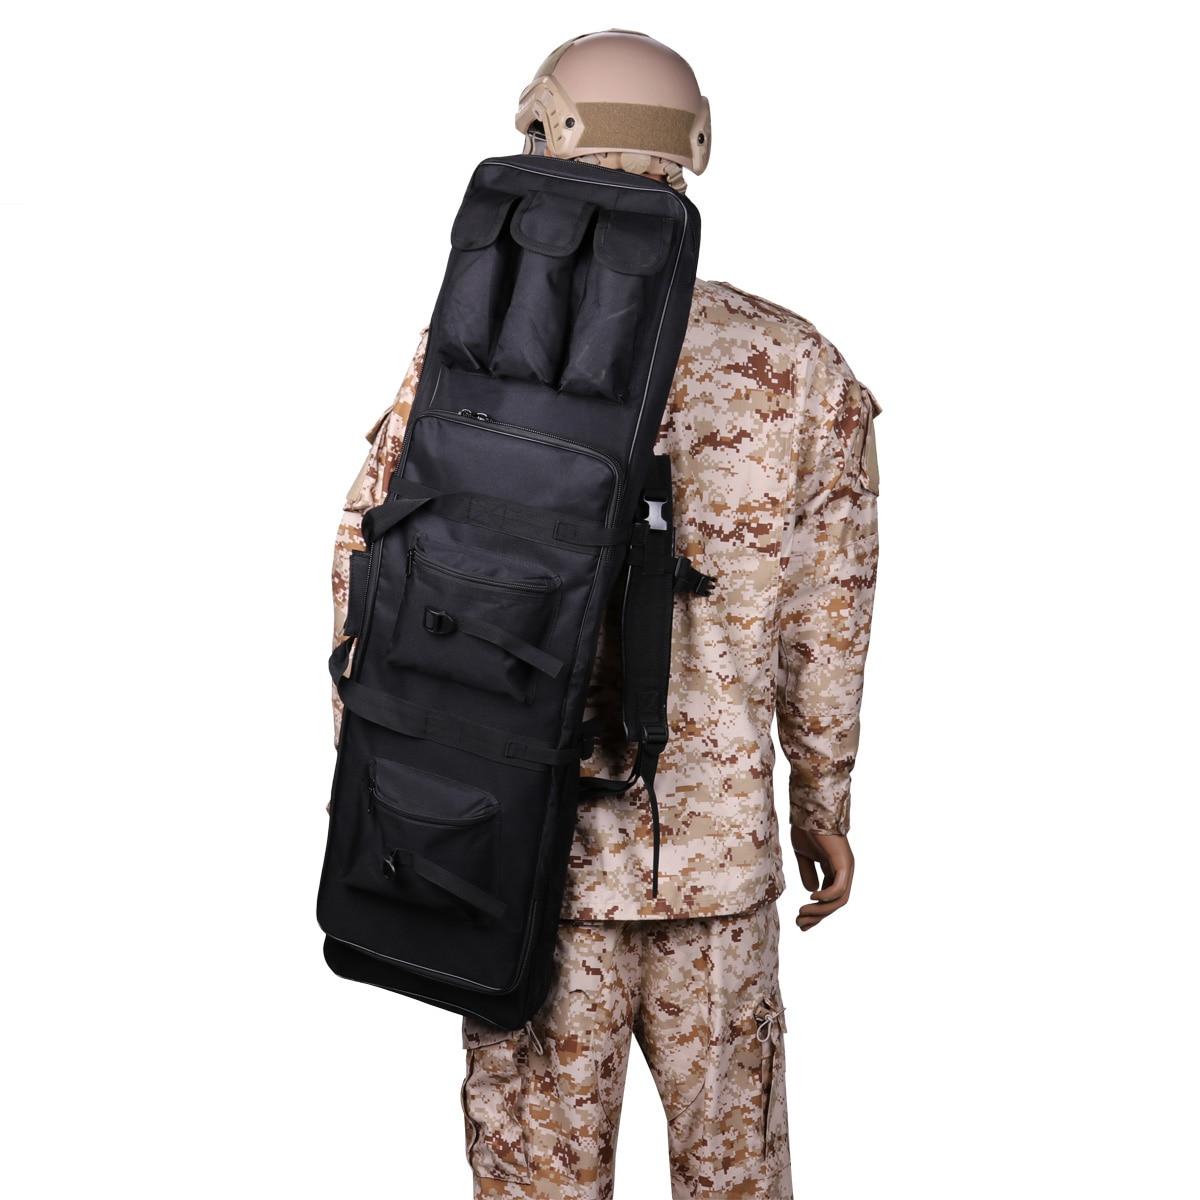 Tactique double fusil à Air comprimé sac sac à dos militaire Paintball couverture épaule pochette CS Wargame Airsoft fusil de chasse sac de transport 1.2 m